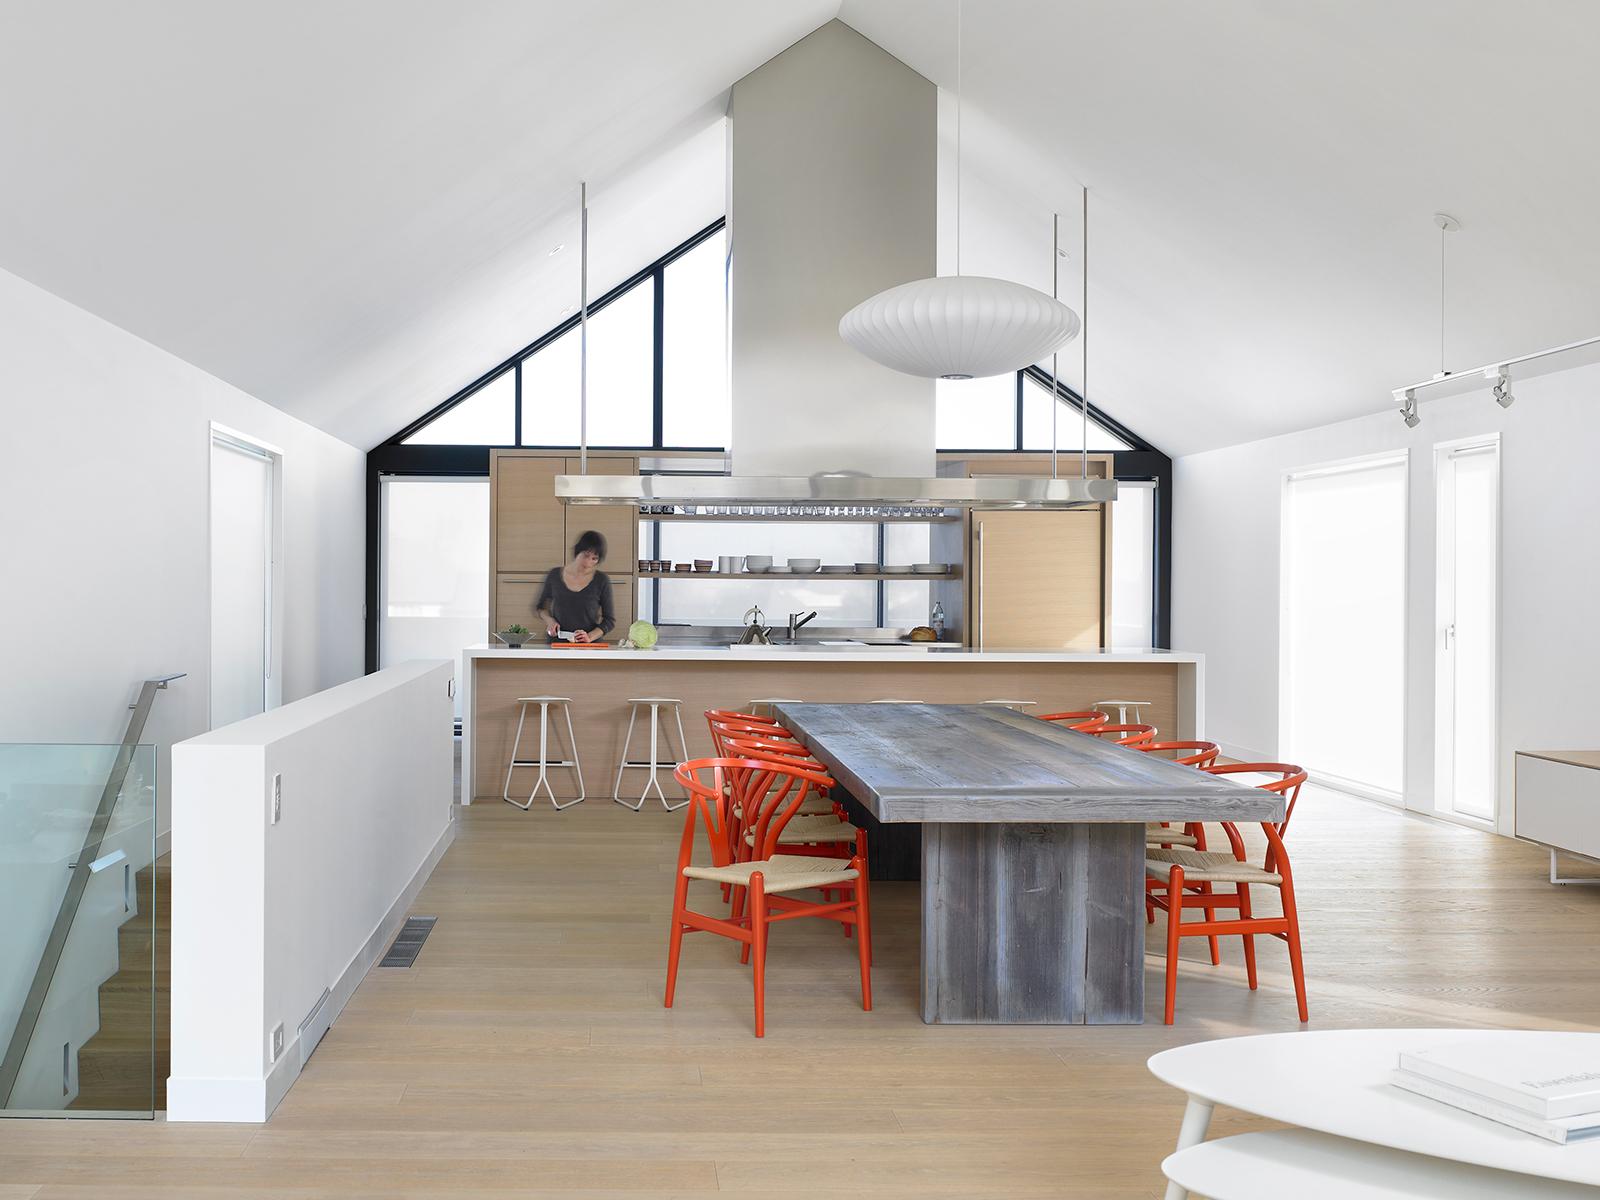 Views modern chalet architecture in canada best of interior design - Atelier Kastelic Buffey Canada